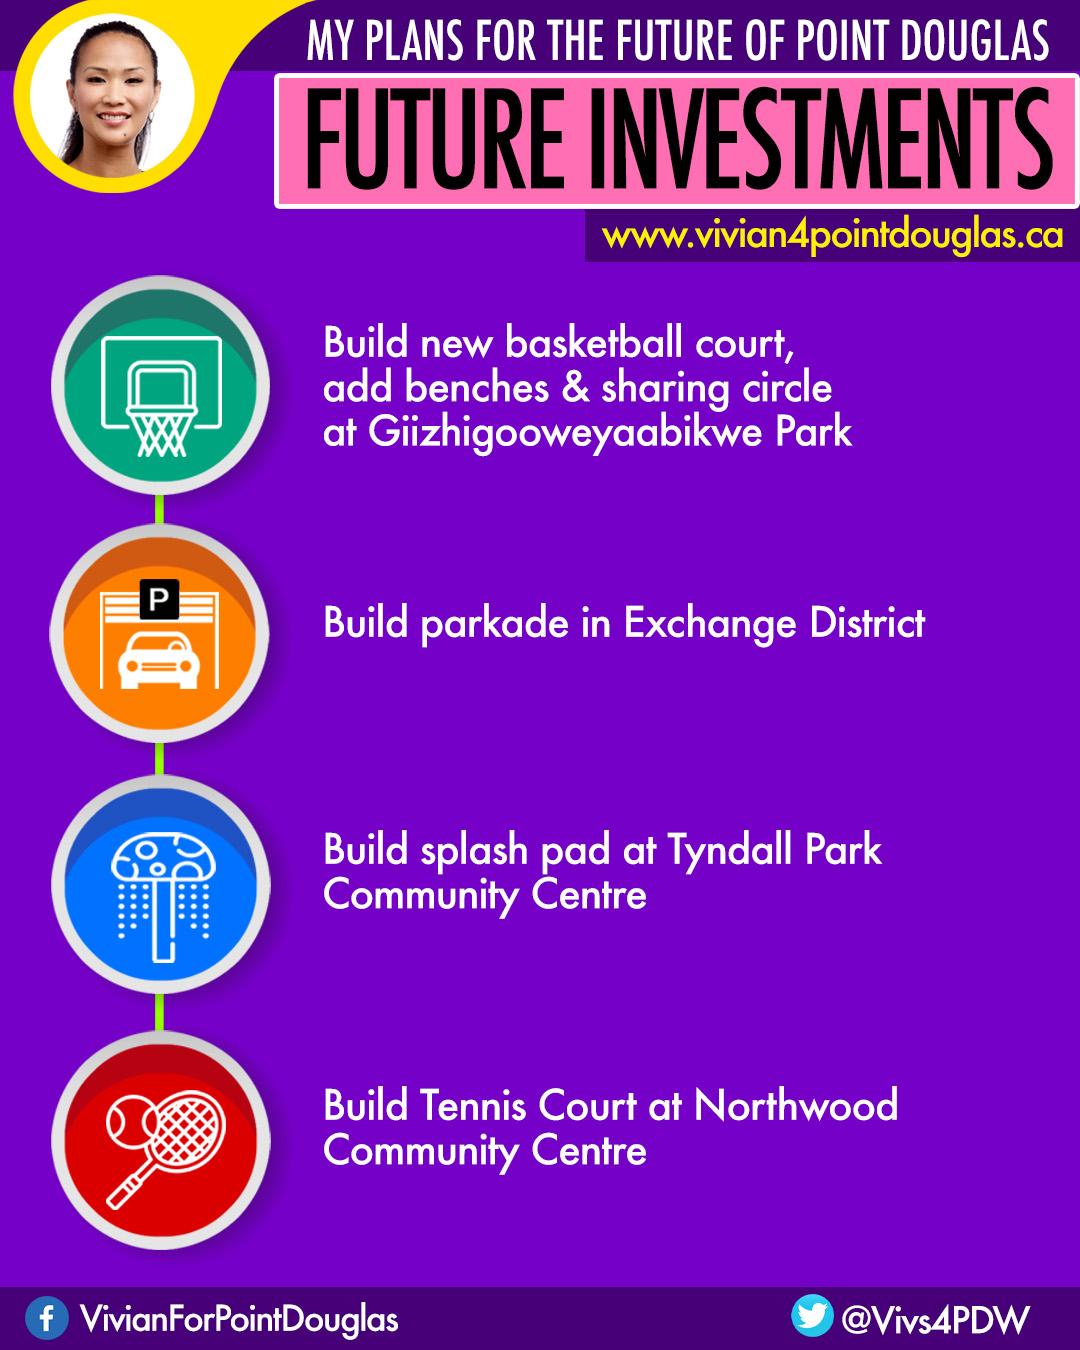 Future Investment